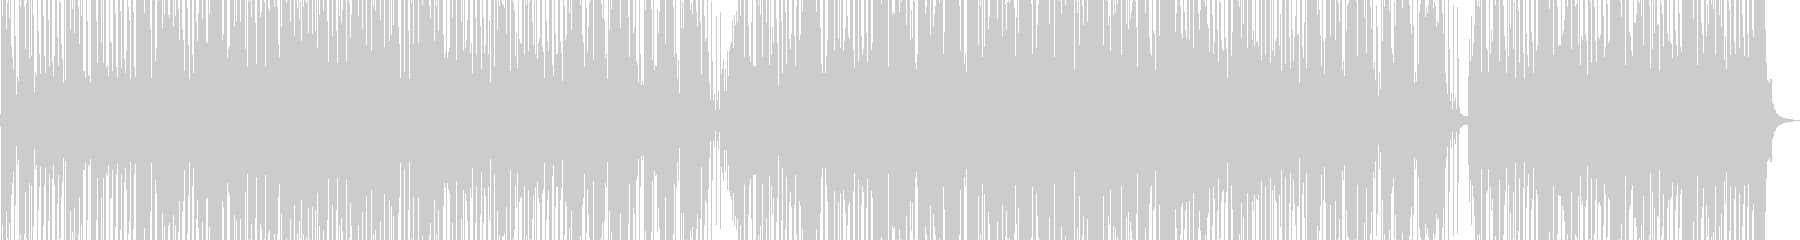 おしゃれで響きがかっこいいメロディーの未再生の波形